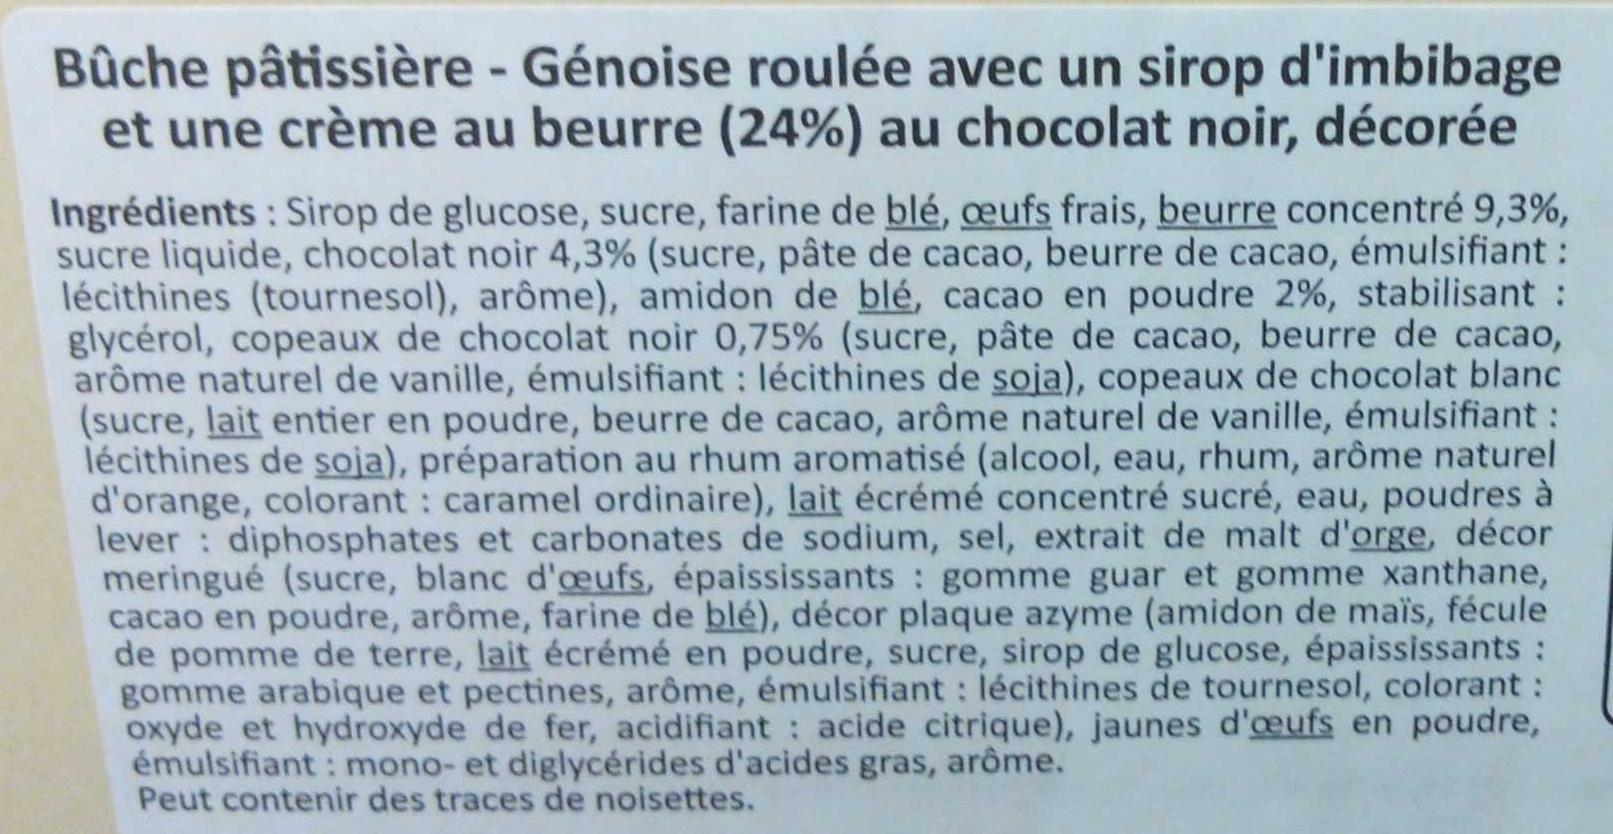 Bûche pâtissière chocolat noir - Ingrédients